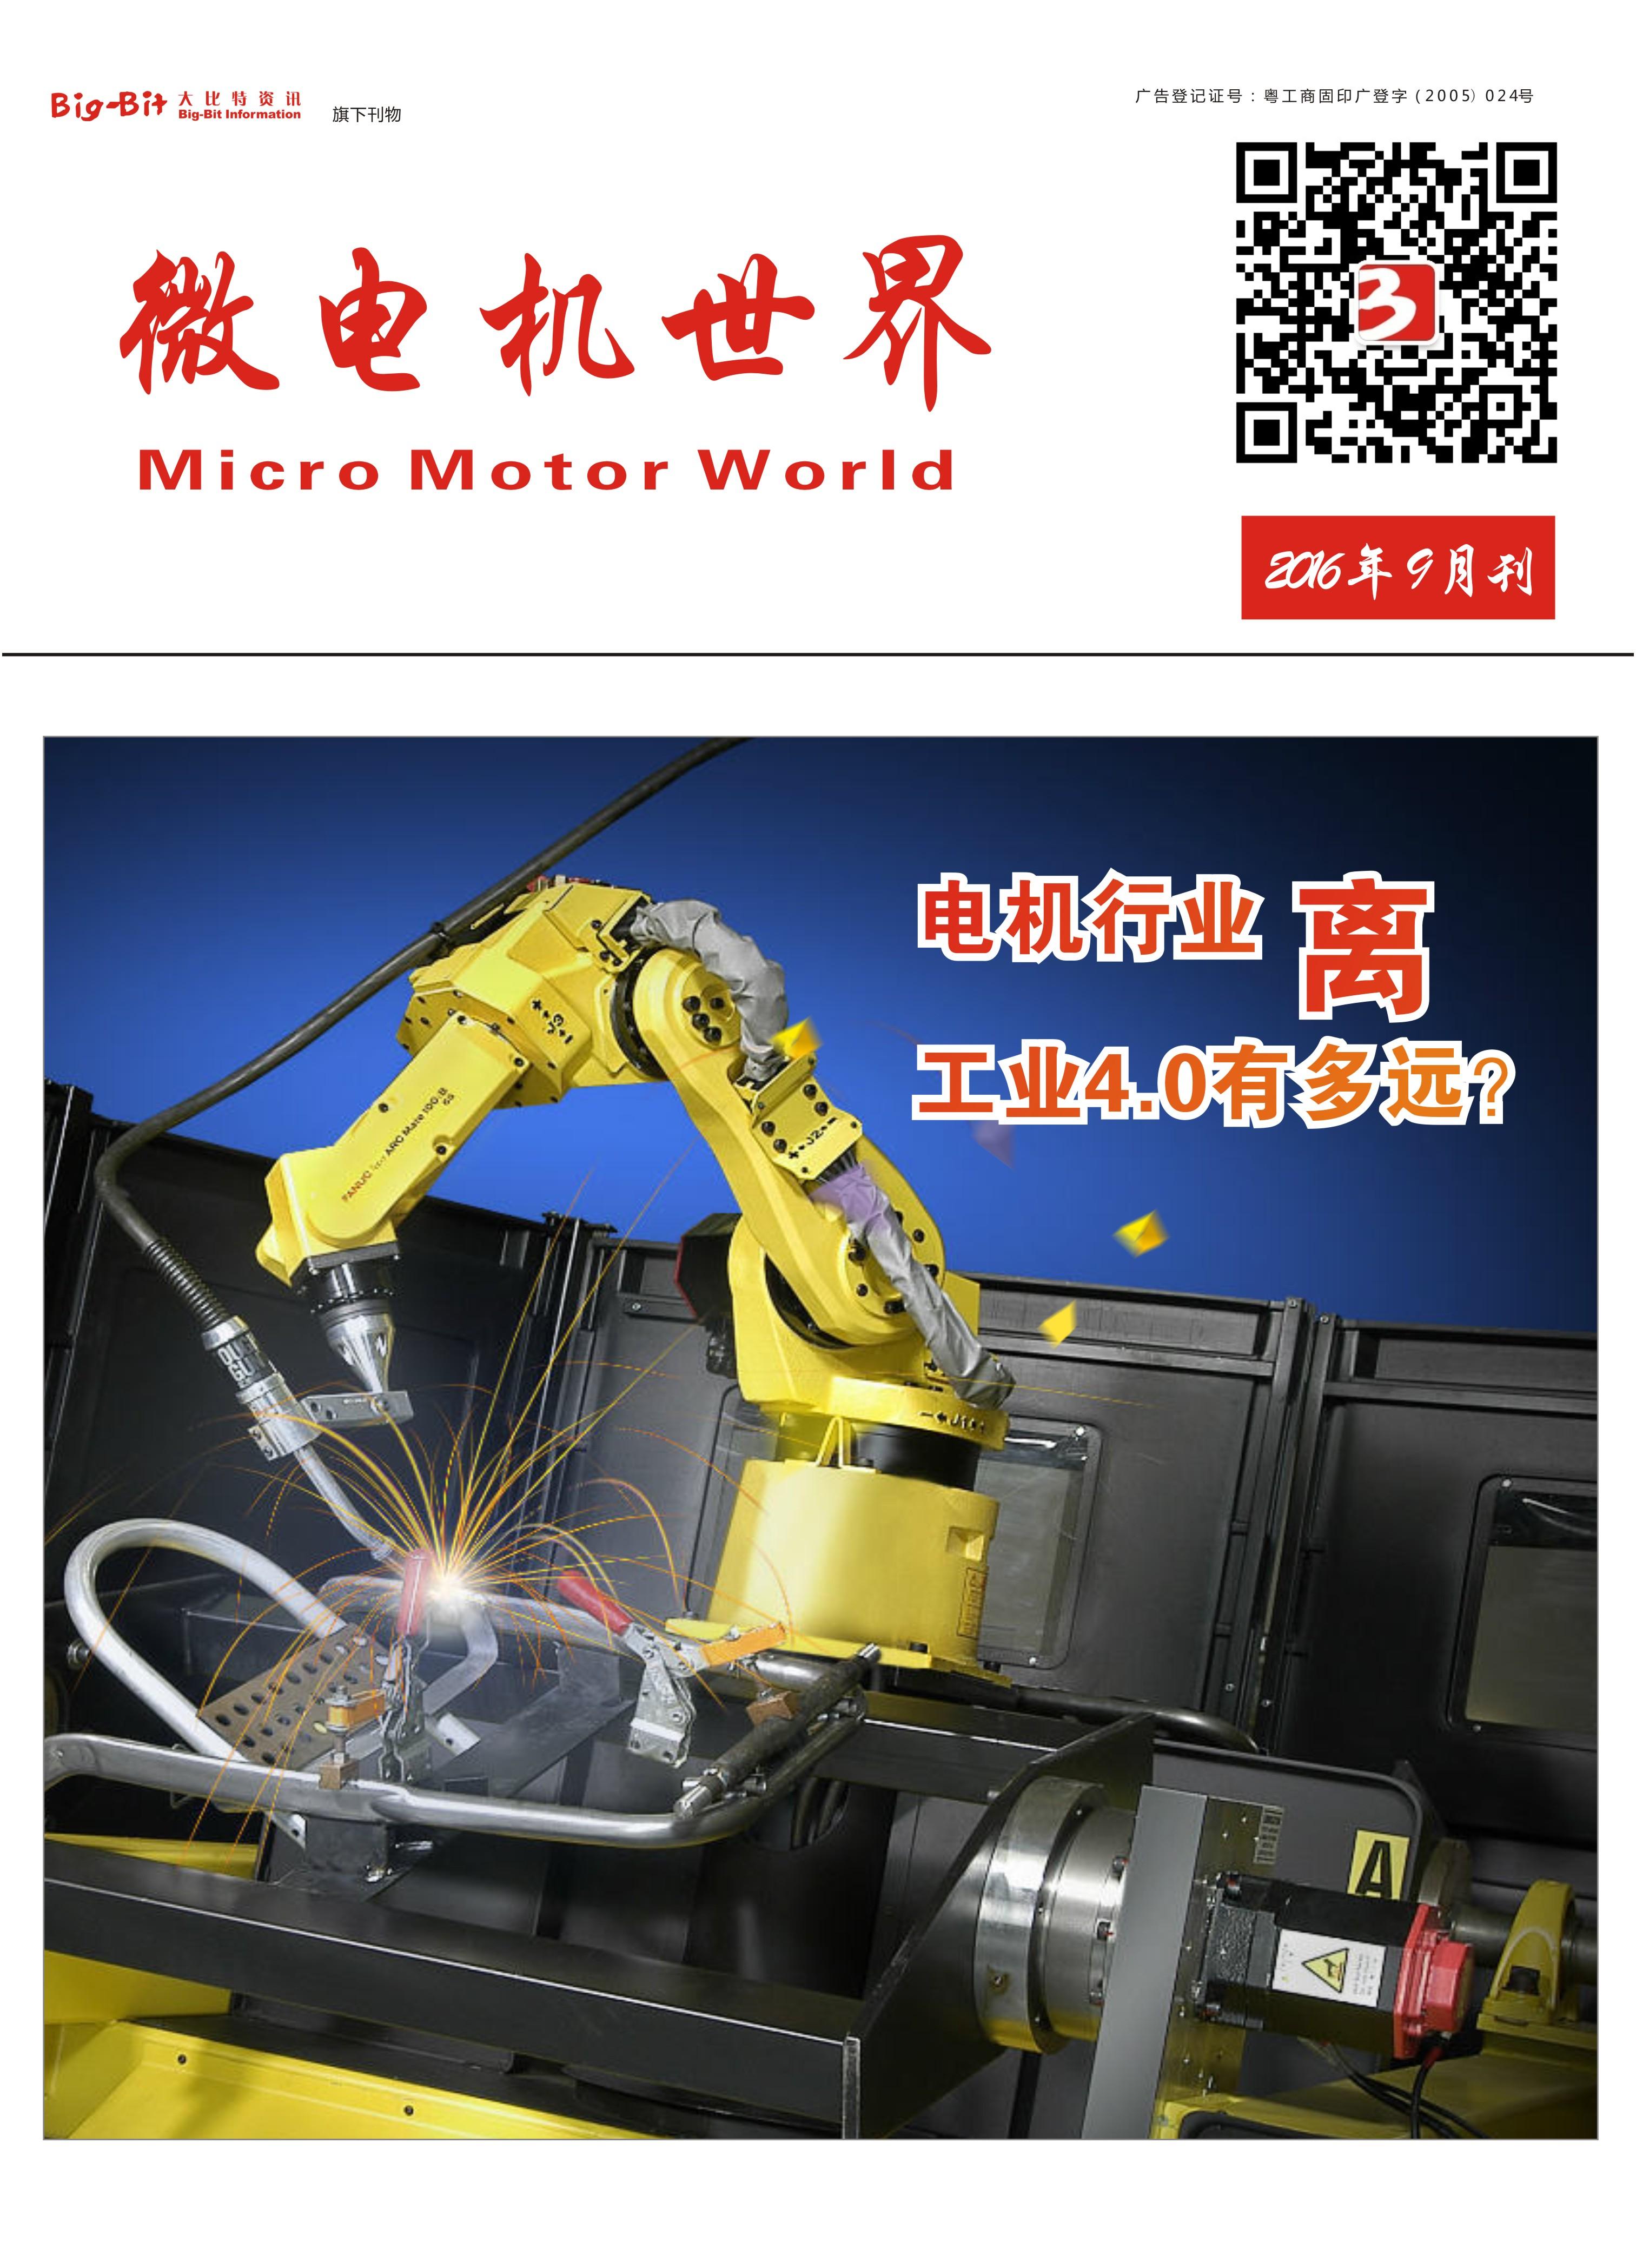 《微电机世界》9月刊